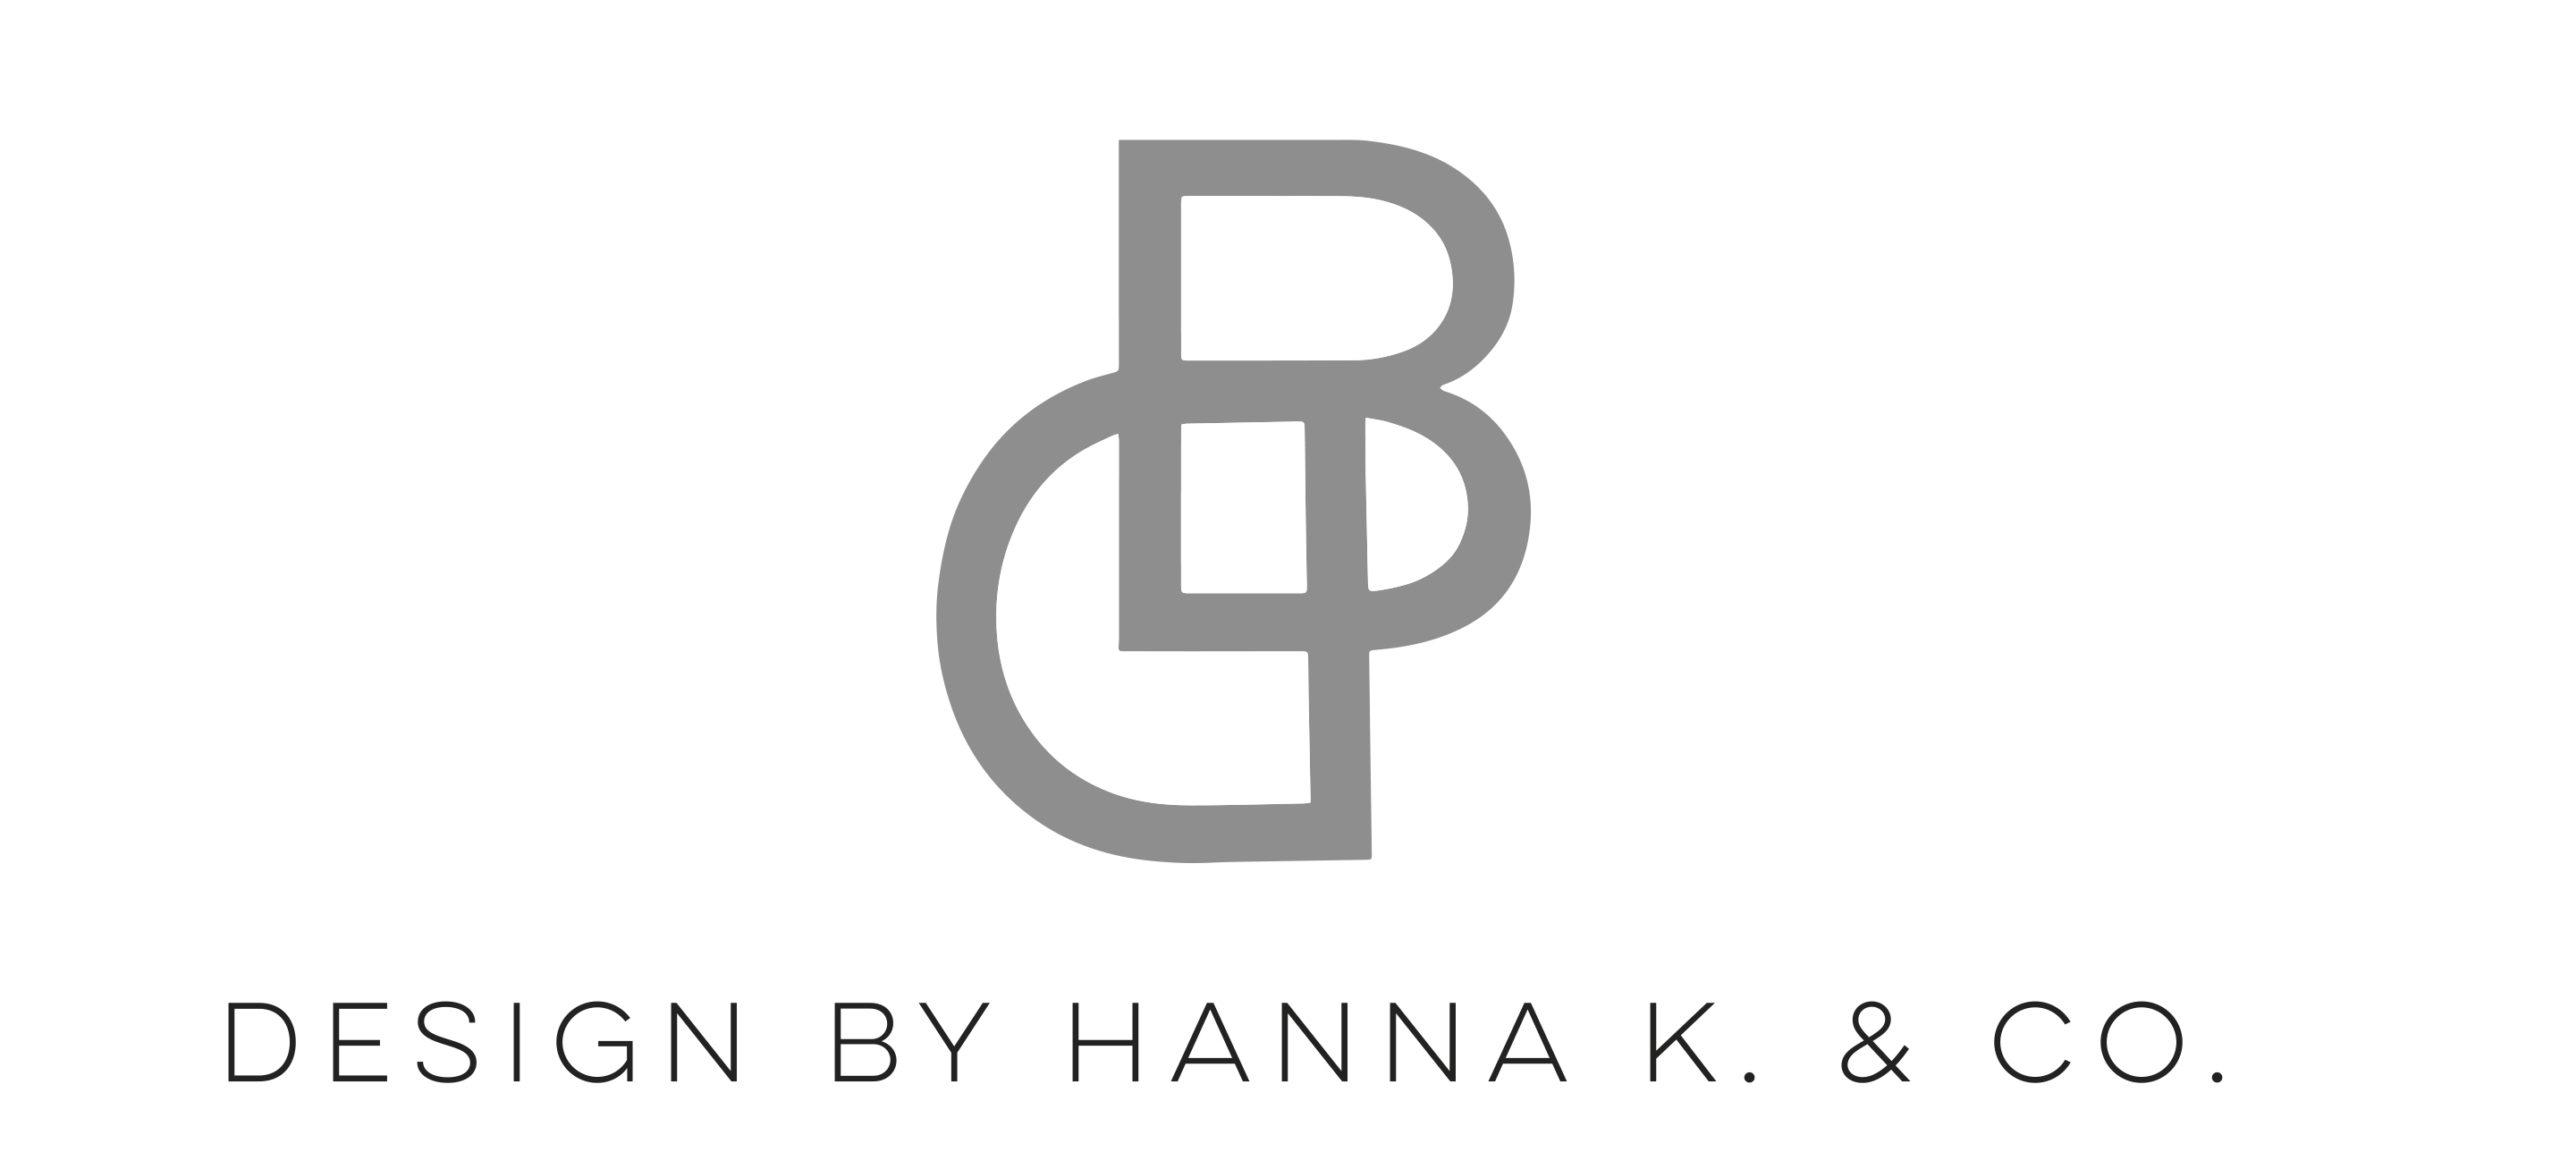 design-by-hanna-k-logo-COMPANY